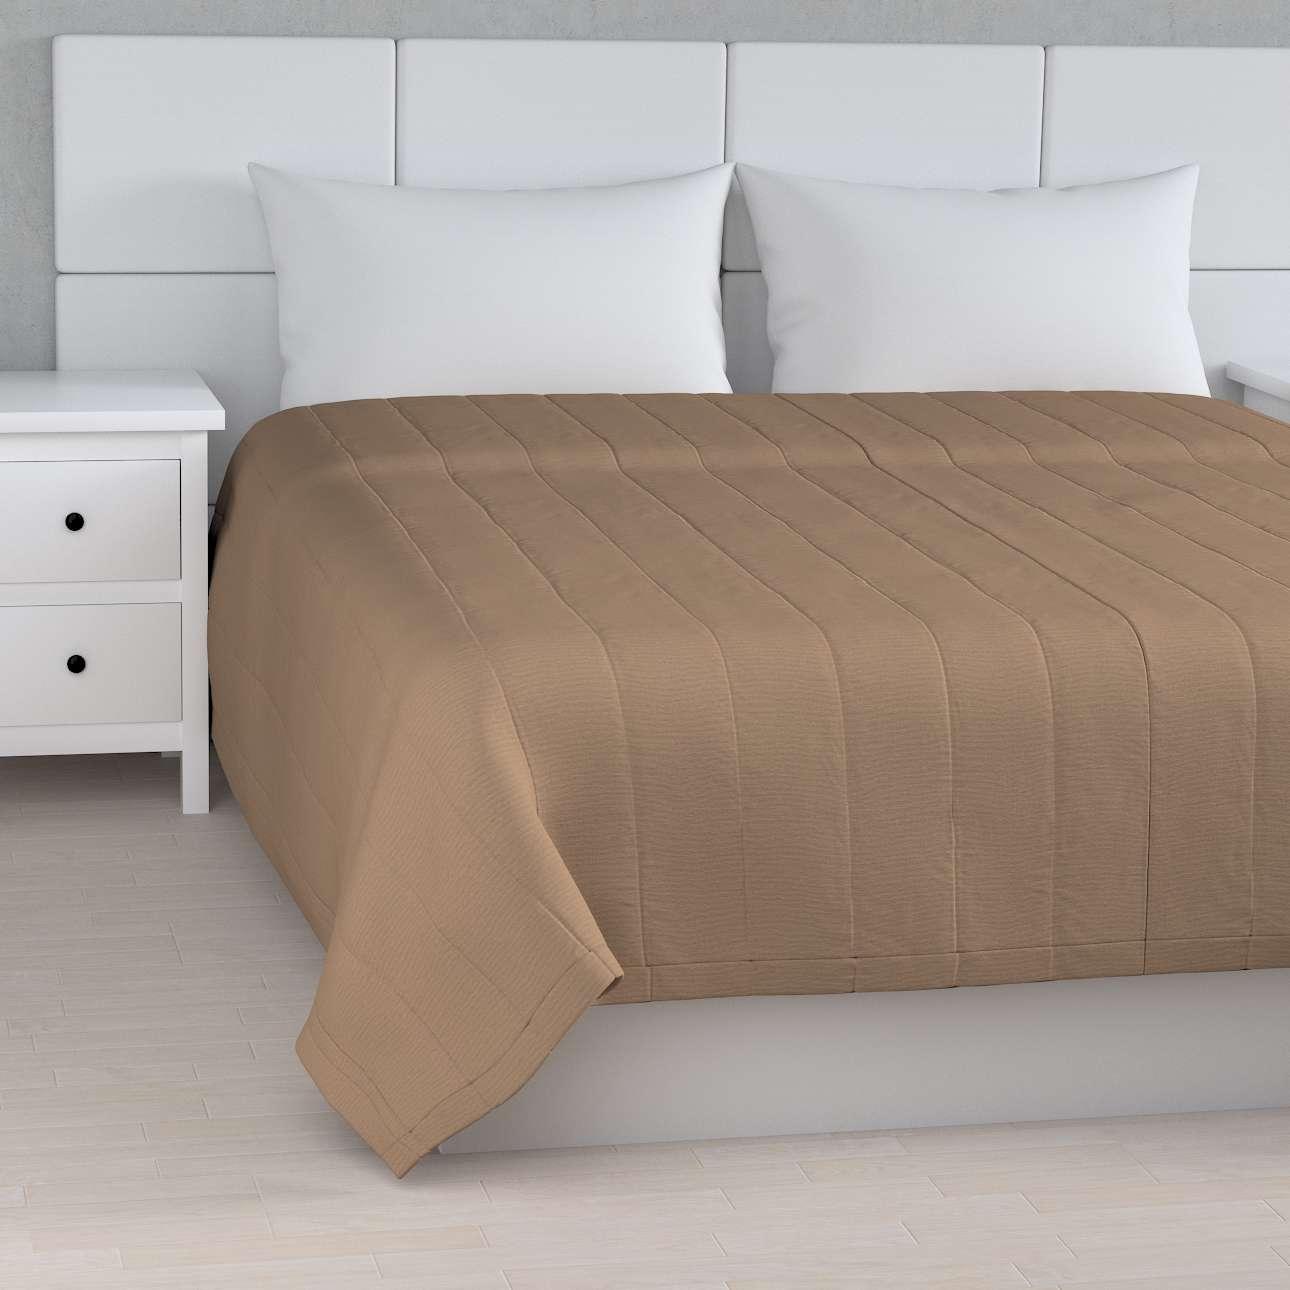 Tagesdecke mit Streifen-Steppung von der Kollektion Quadro, Stoff: 136-09